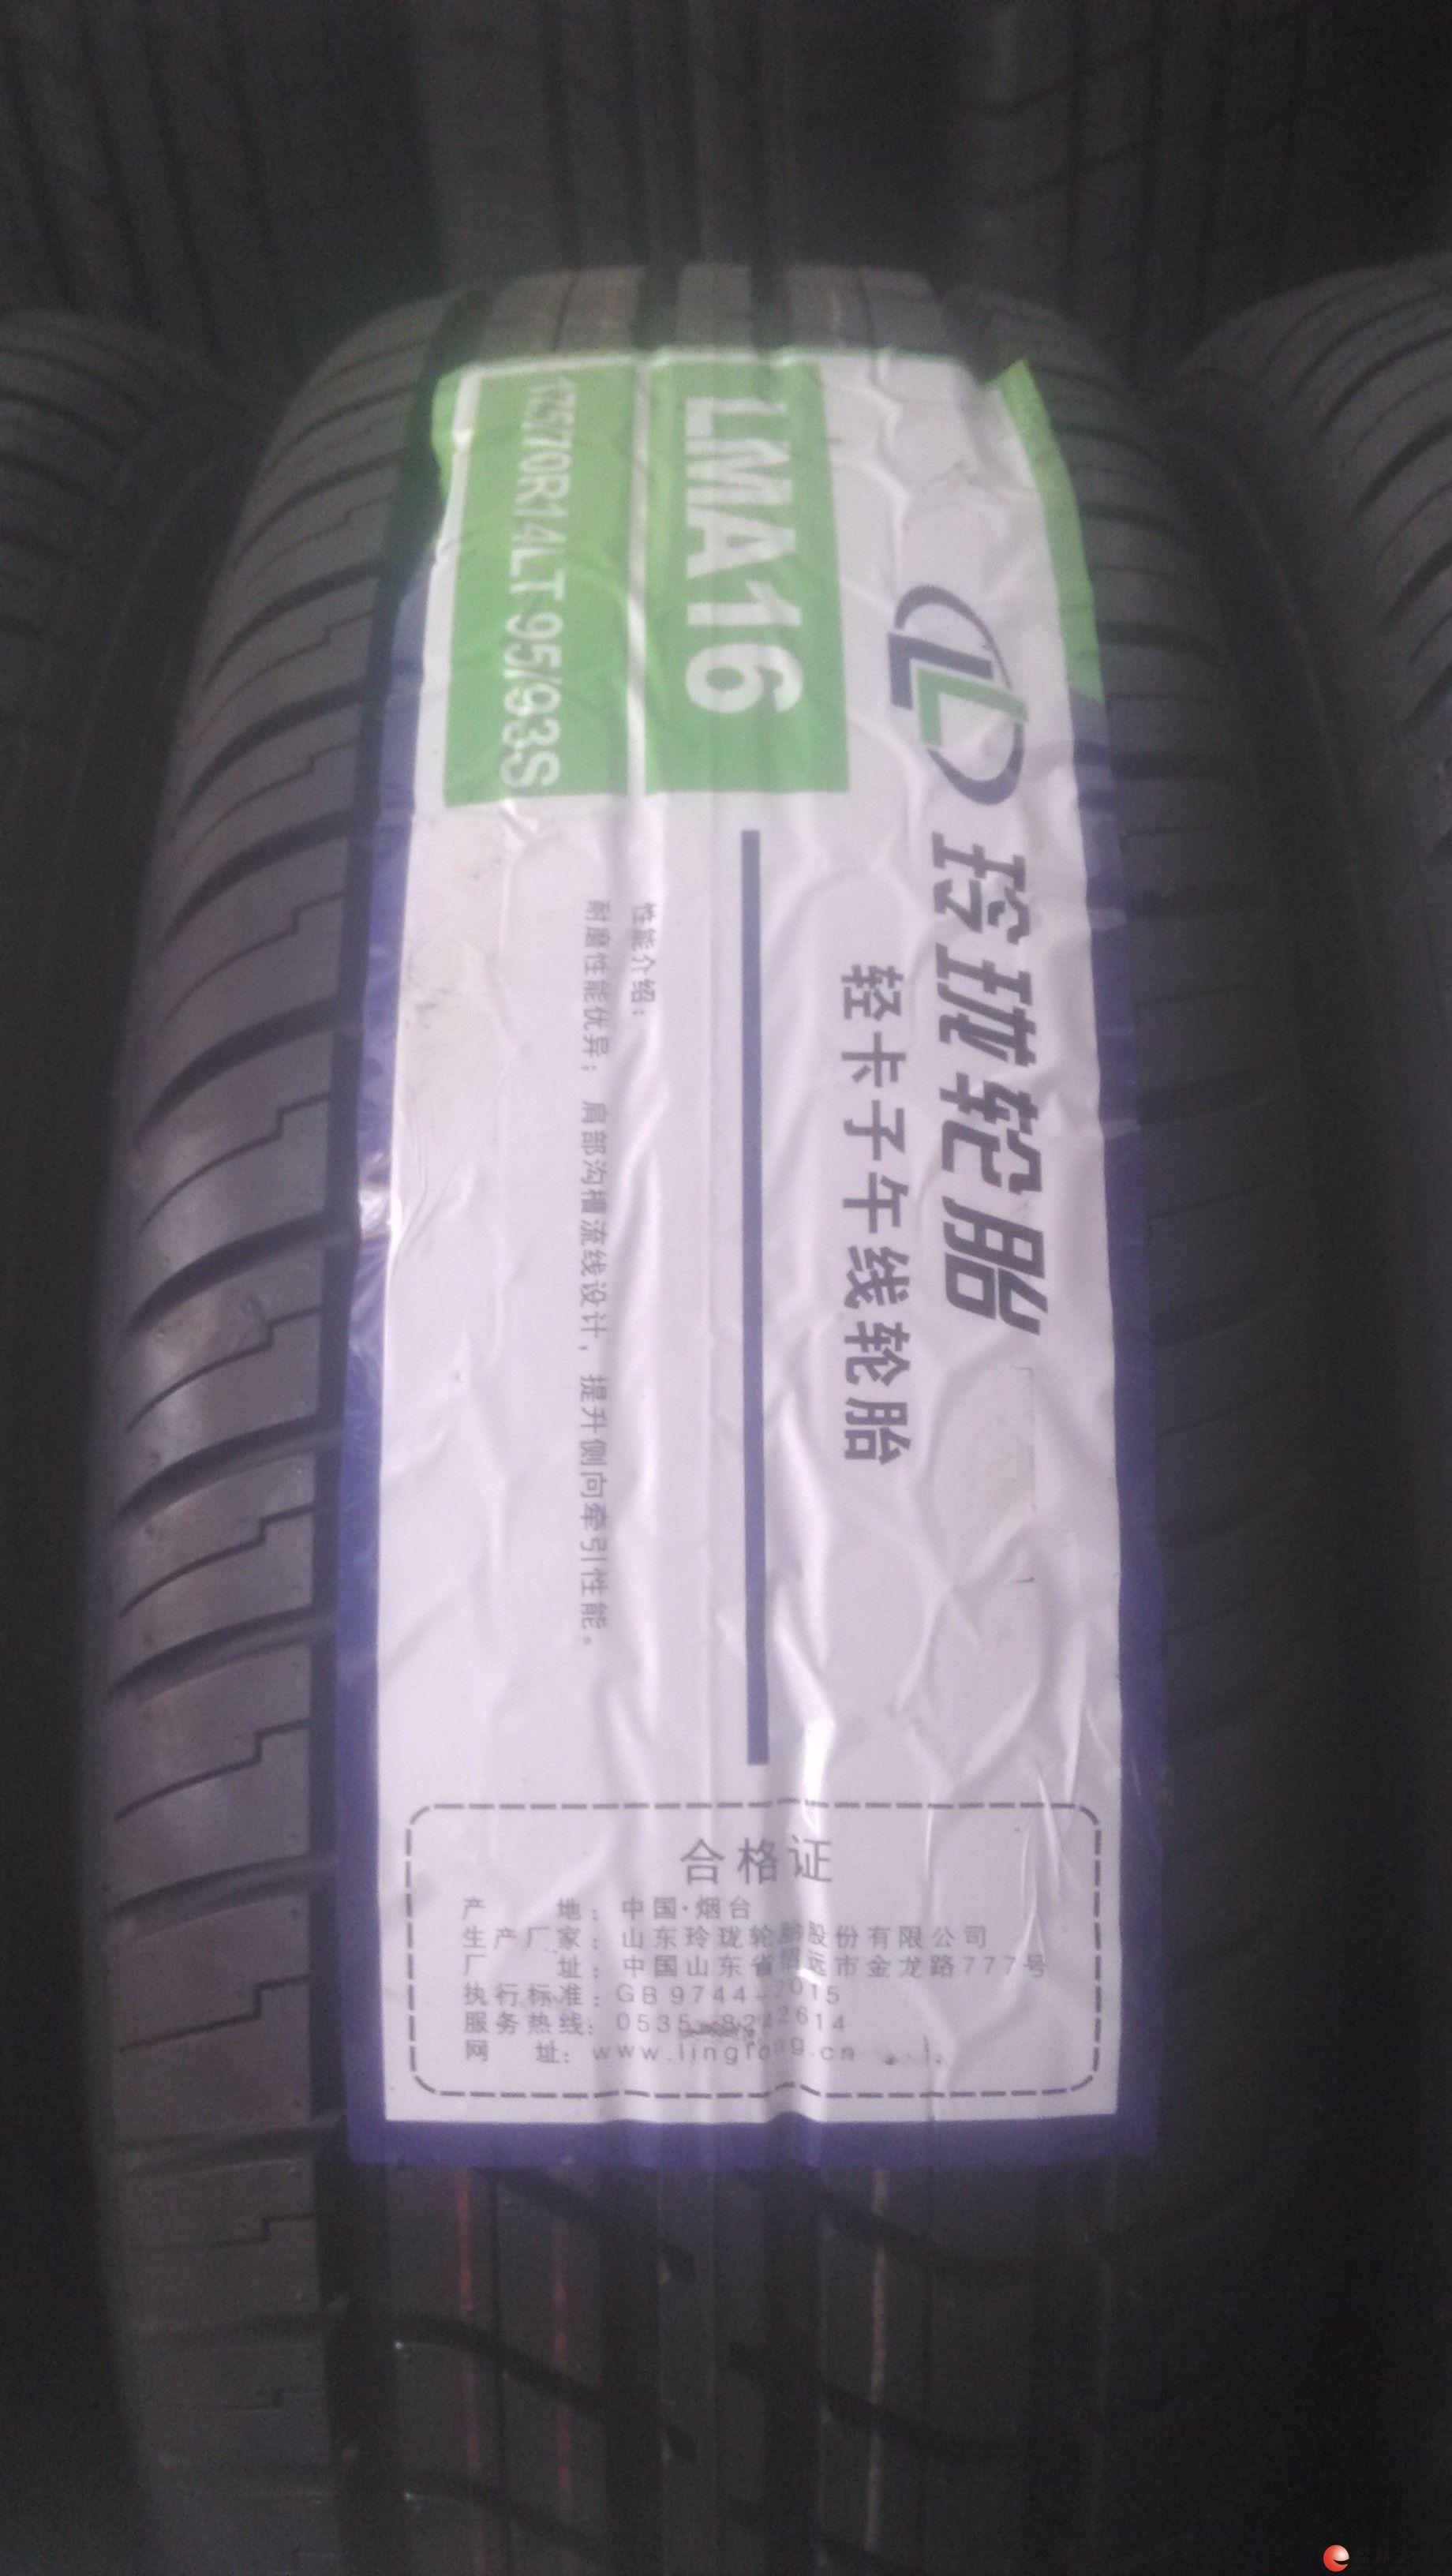 全新行货玲珑轮胎175/70R14LT 五菱荣光原装配套